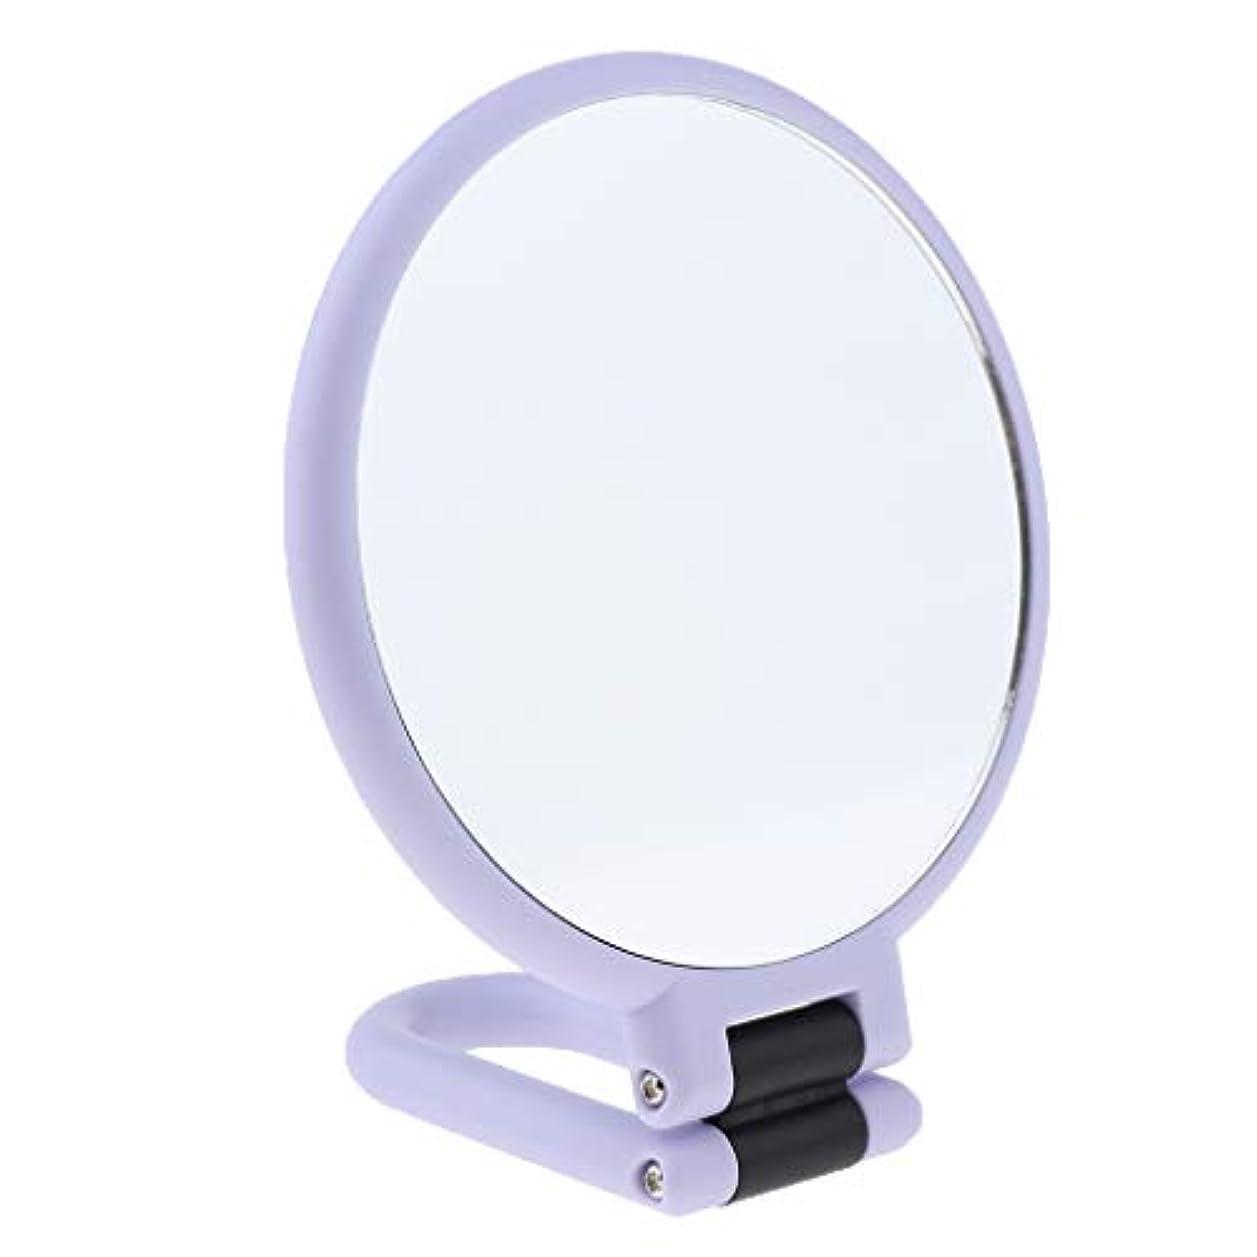 レオナルドダ小売北東F Fityle 全3サイズ 化粧ミラー メイクミラー 折りたたみ 拡大鏡 化粧鏡 - 3倍の拡大鏡